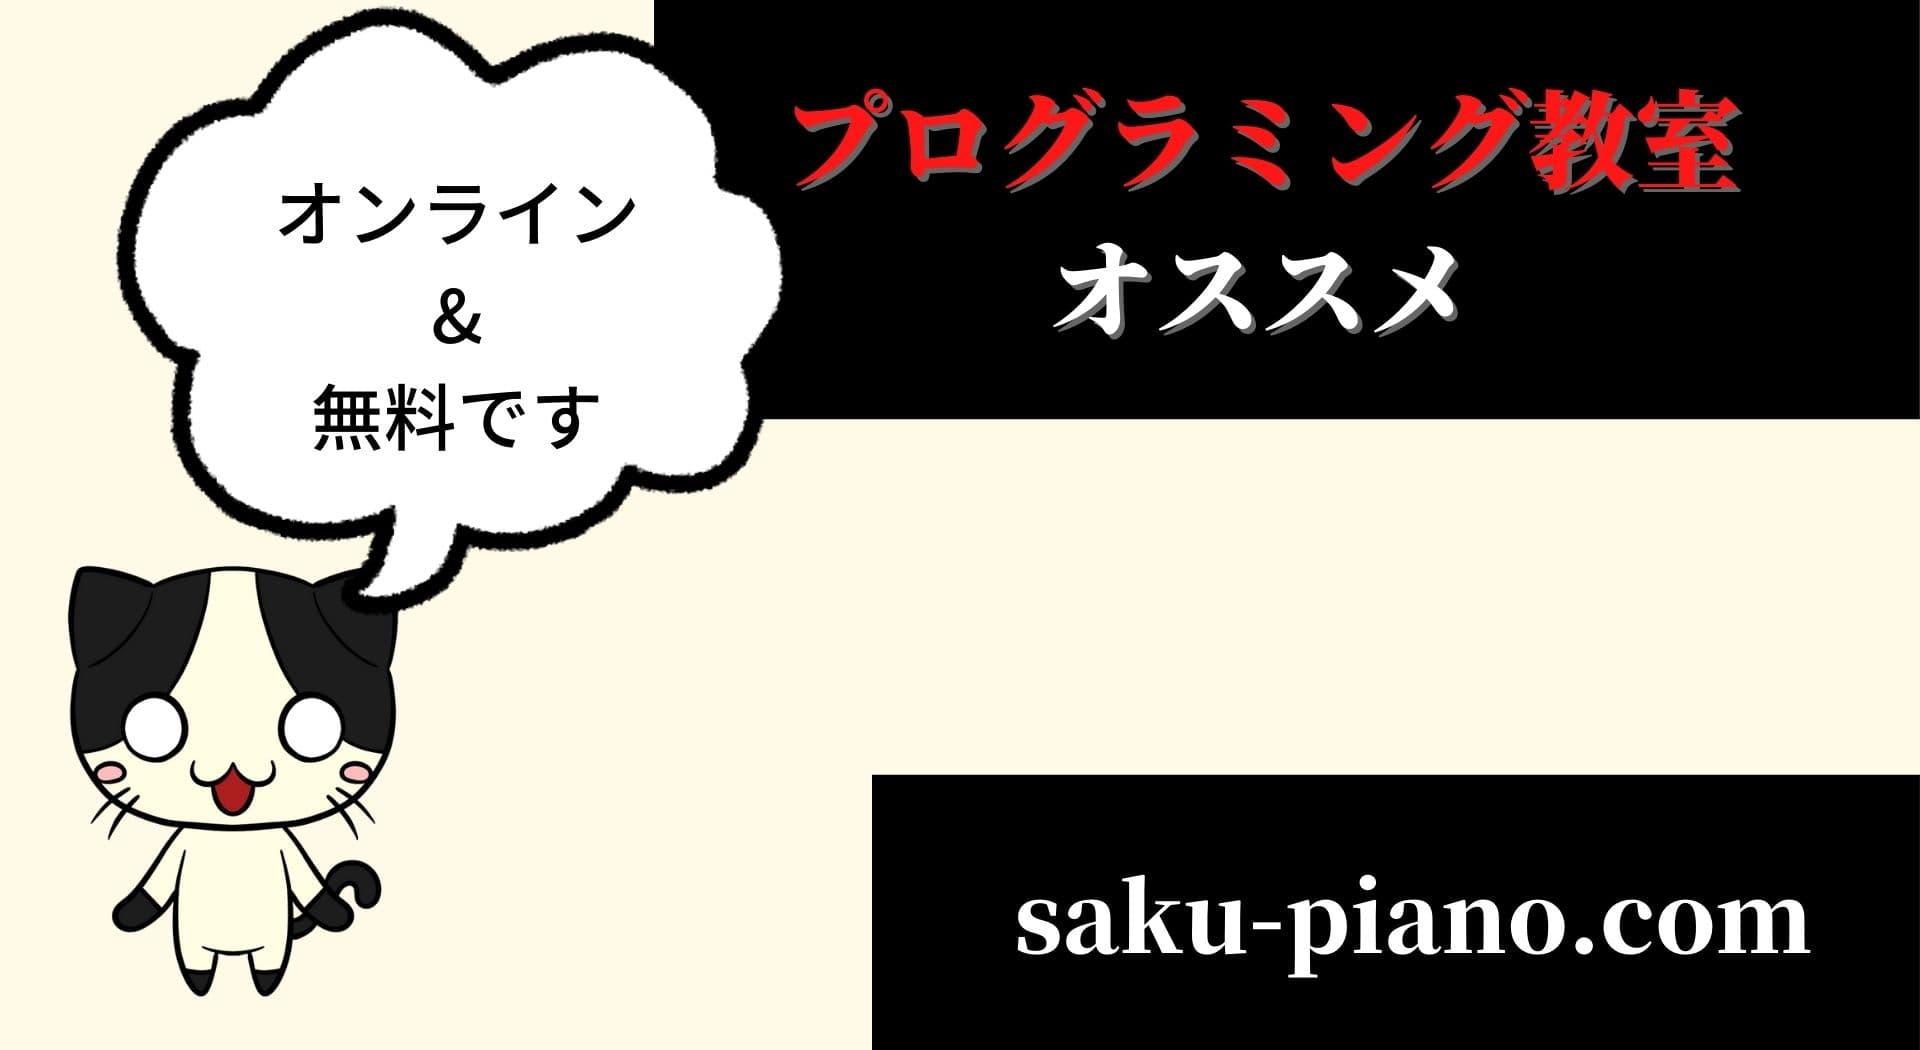 ピアノが上手い人の 特徴まとめ (14)-minのアイキャッチ画像